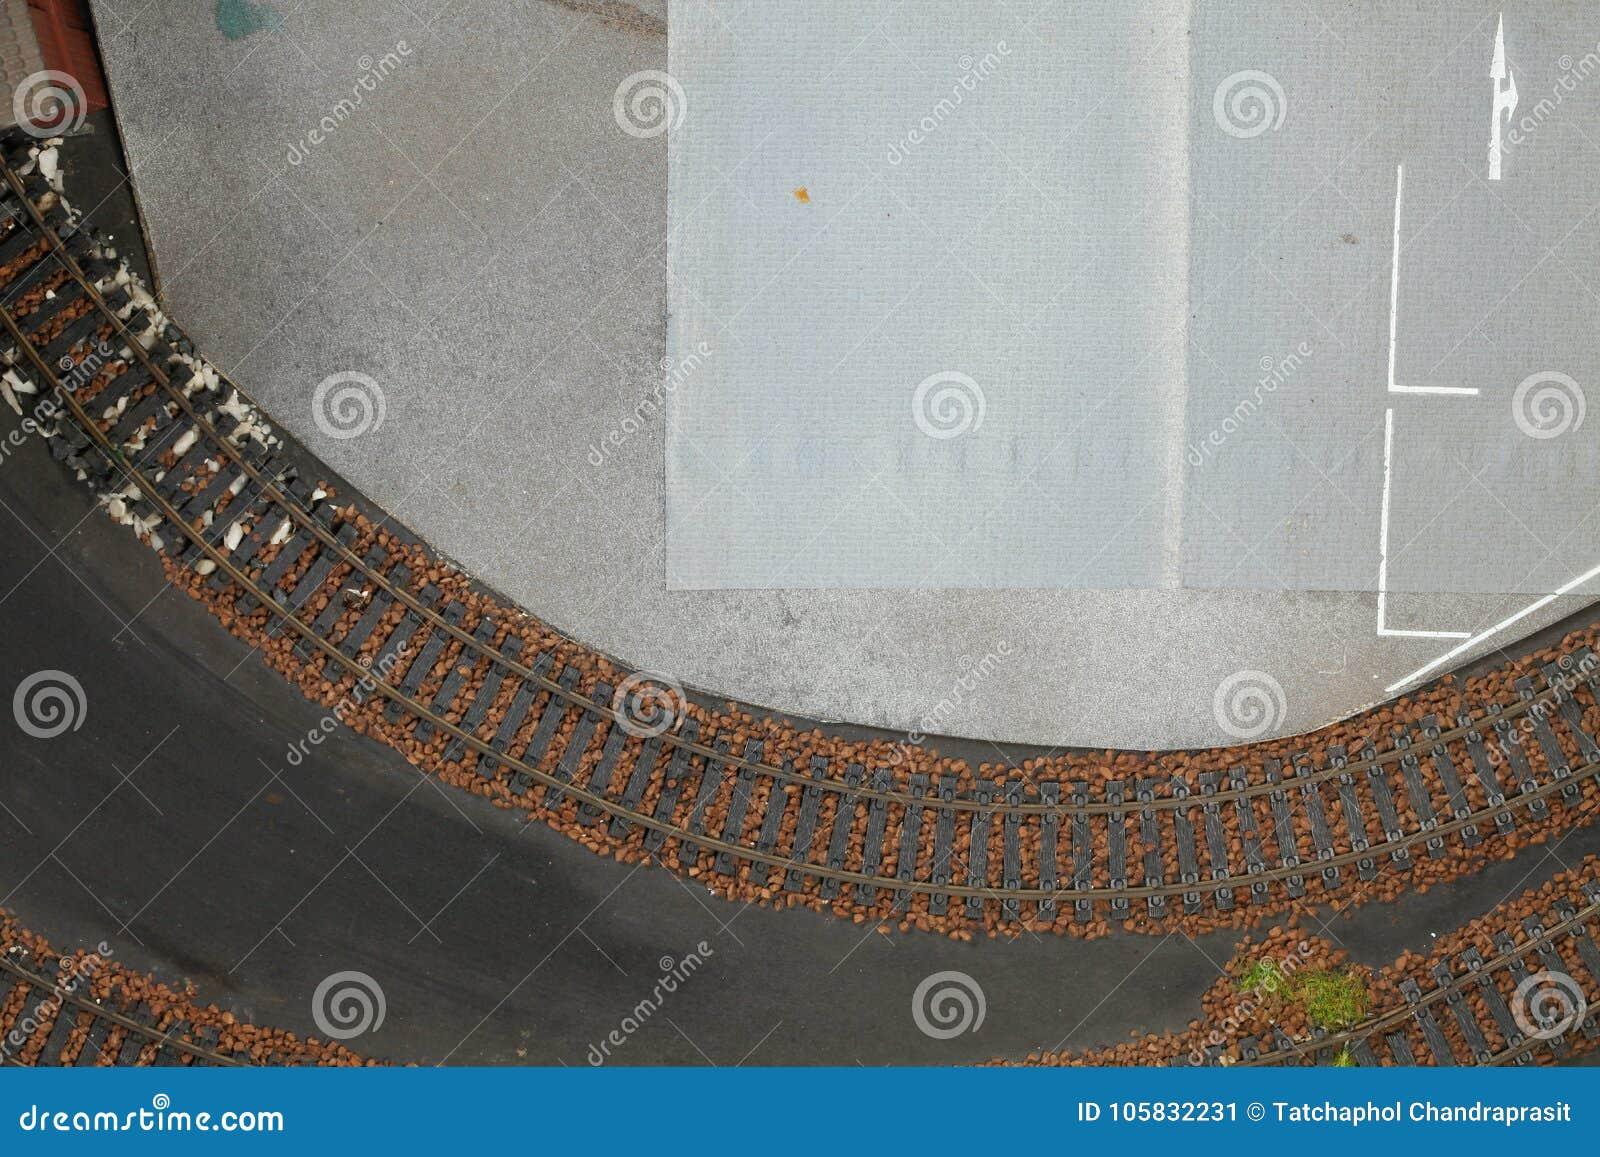 Chemin de fer modèle sur la scène modèle miniature